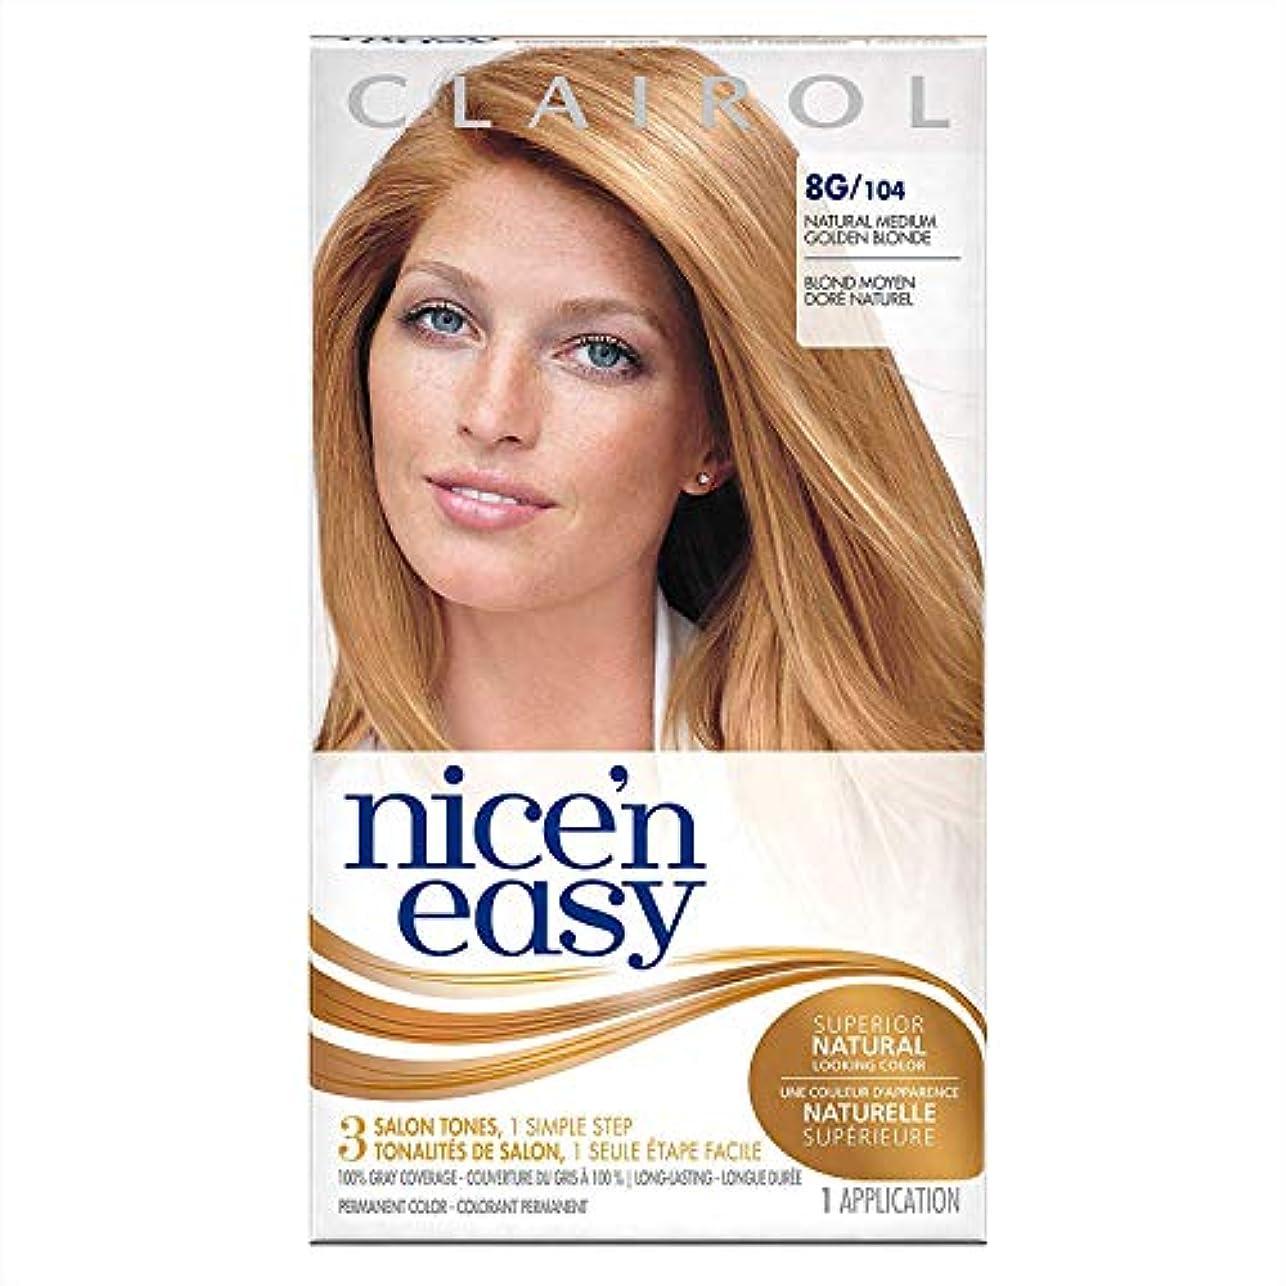 文芸申し込む干渉する海外直送品Clairol Nice N Easy Nice 'n Easy Hair Color 104 Natural Medium Golden Blonde, Medium Golden Blonde 1 each...